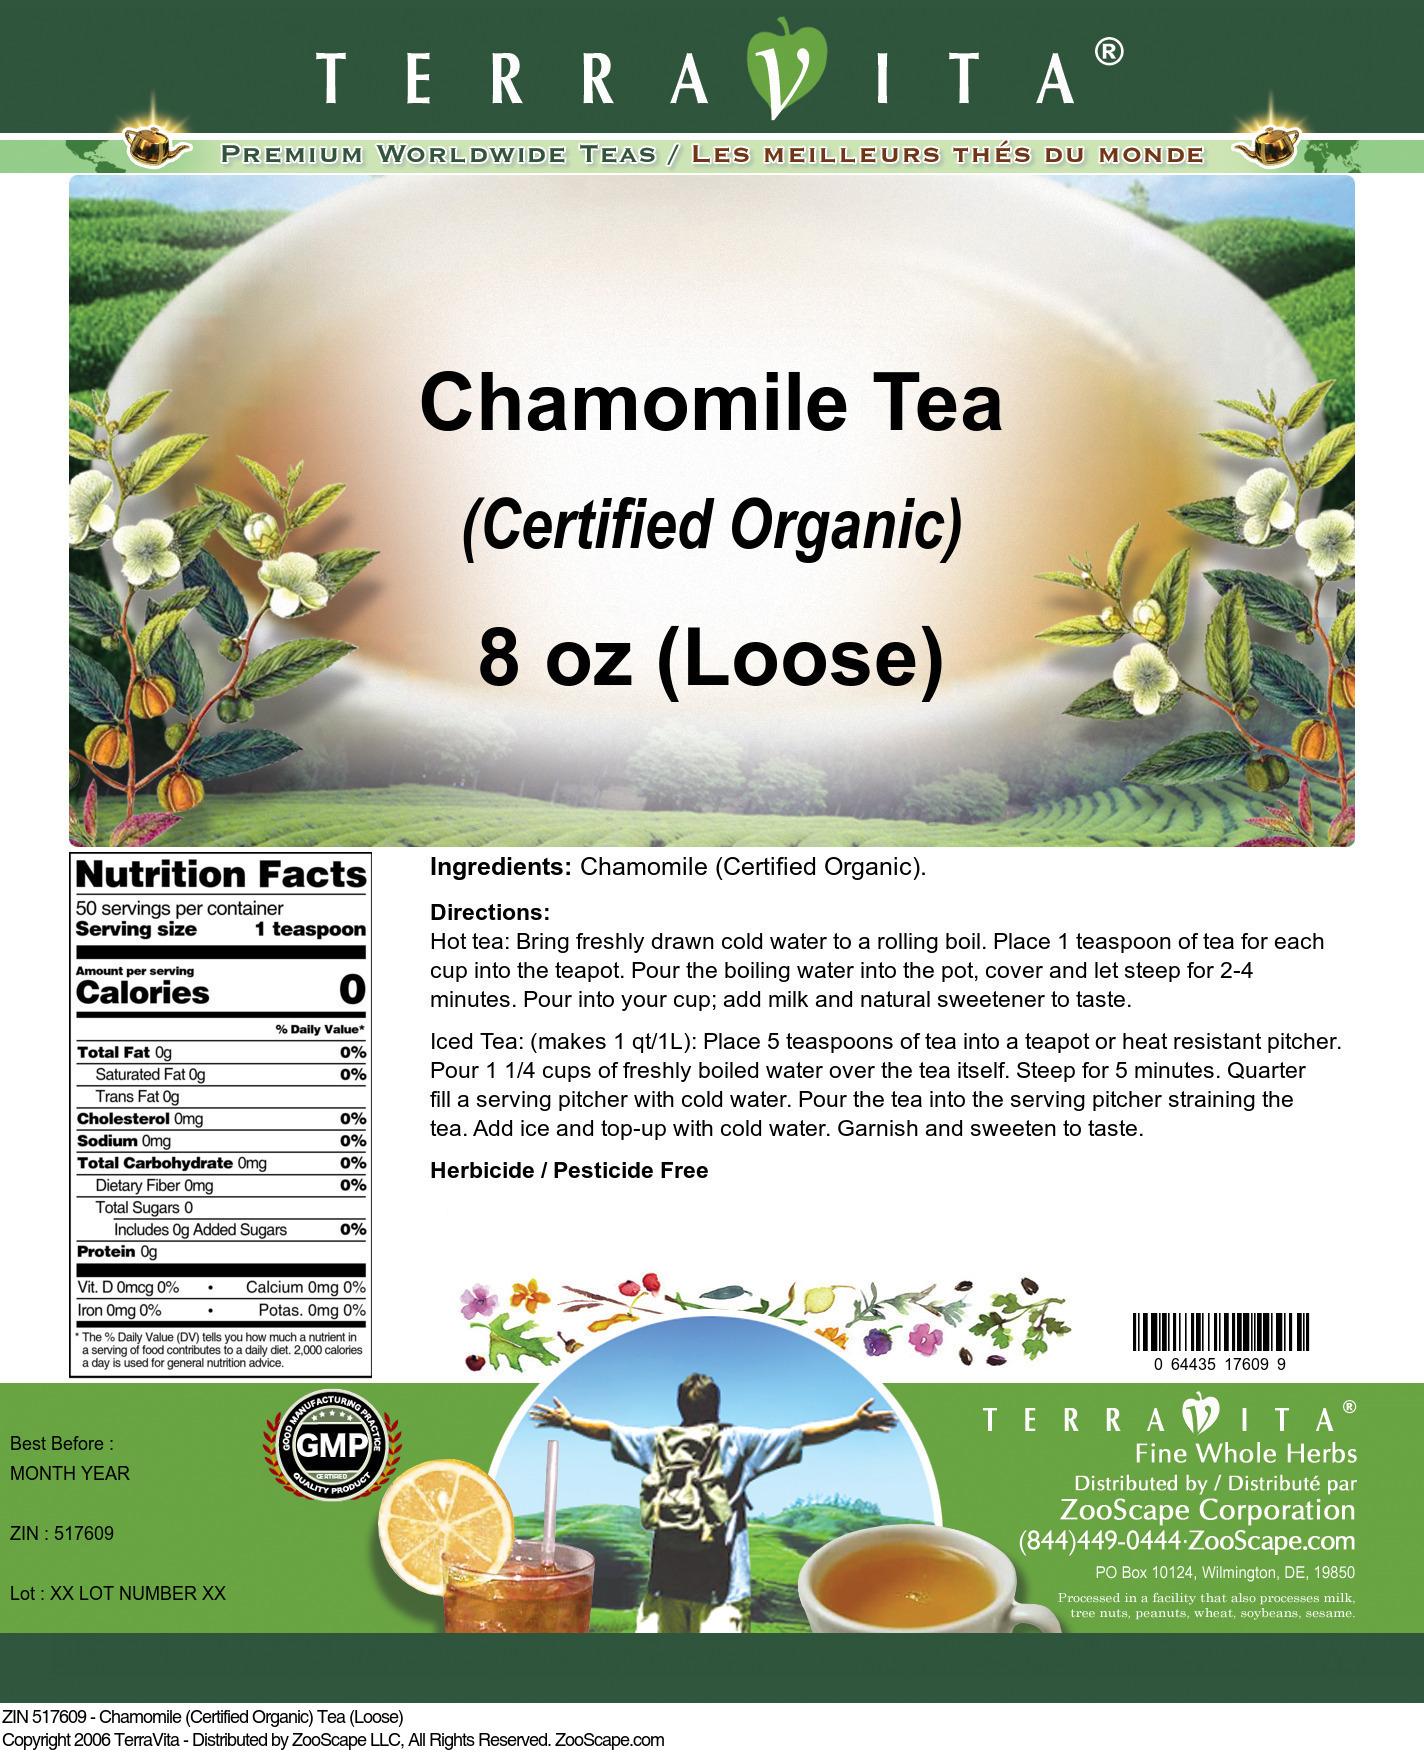 Chamomile (Certified Organic) Tea (Loose)